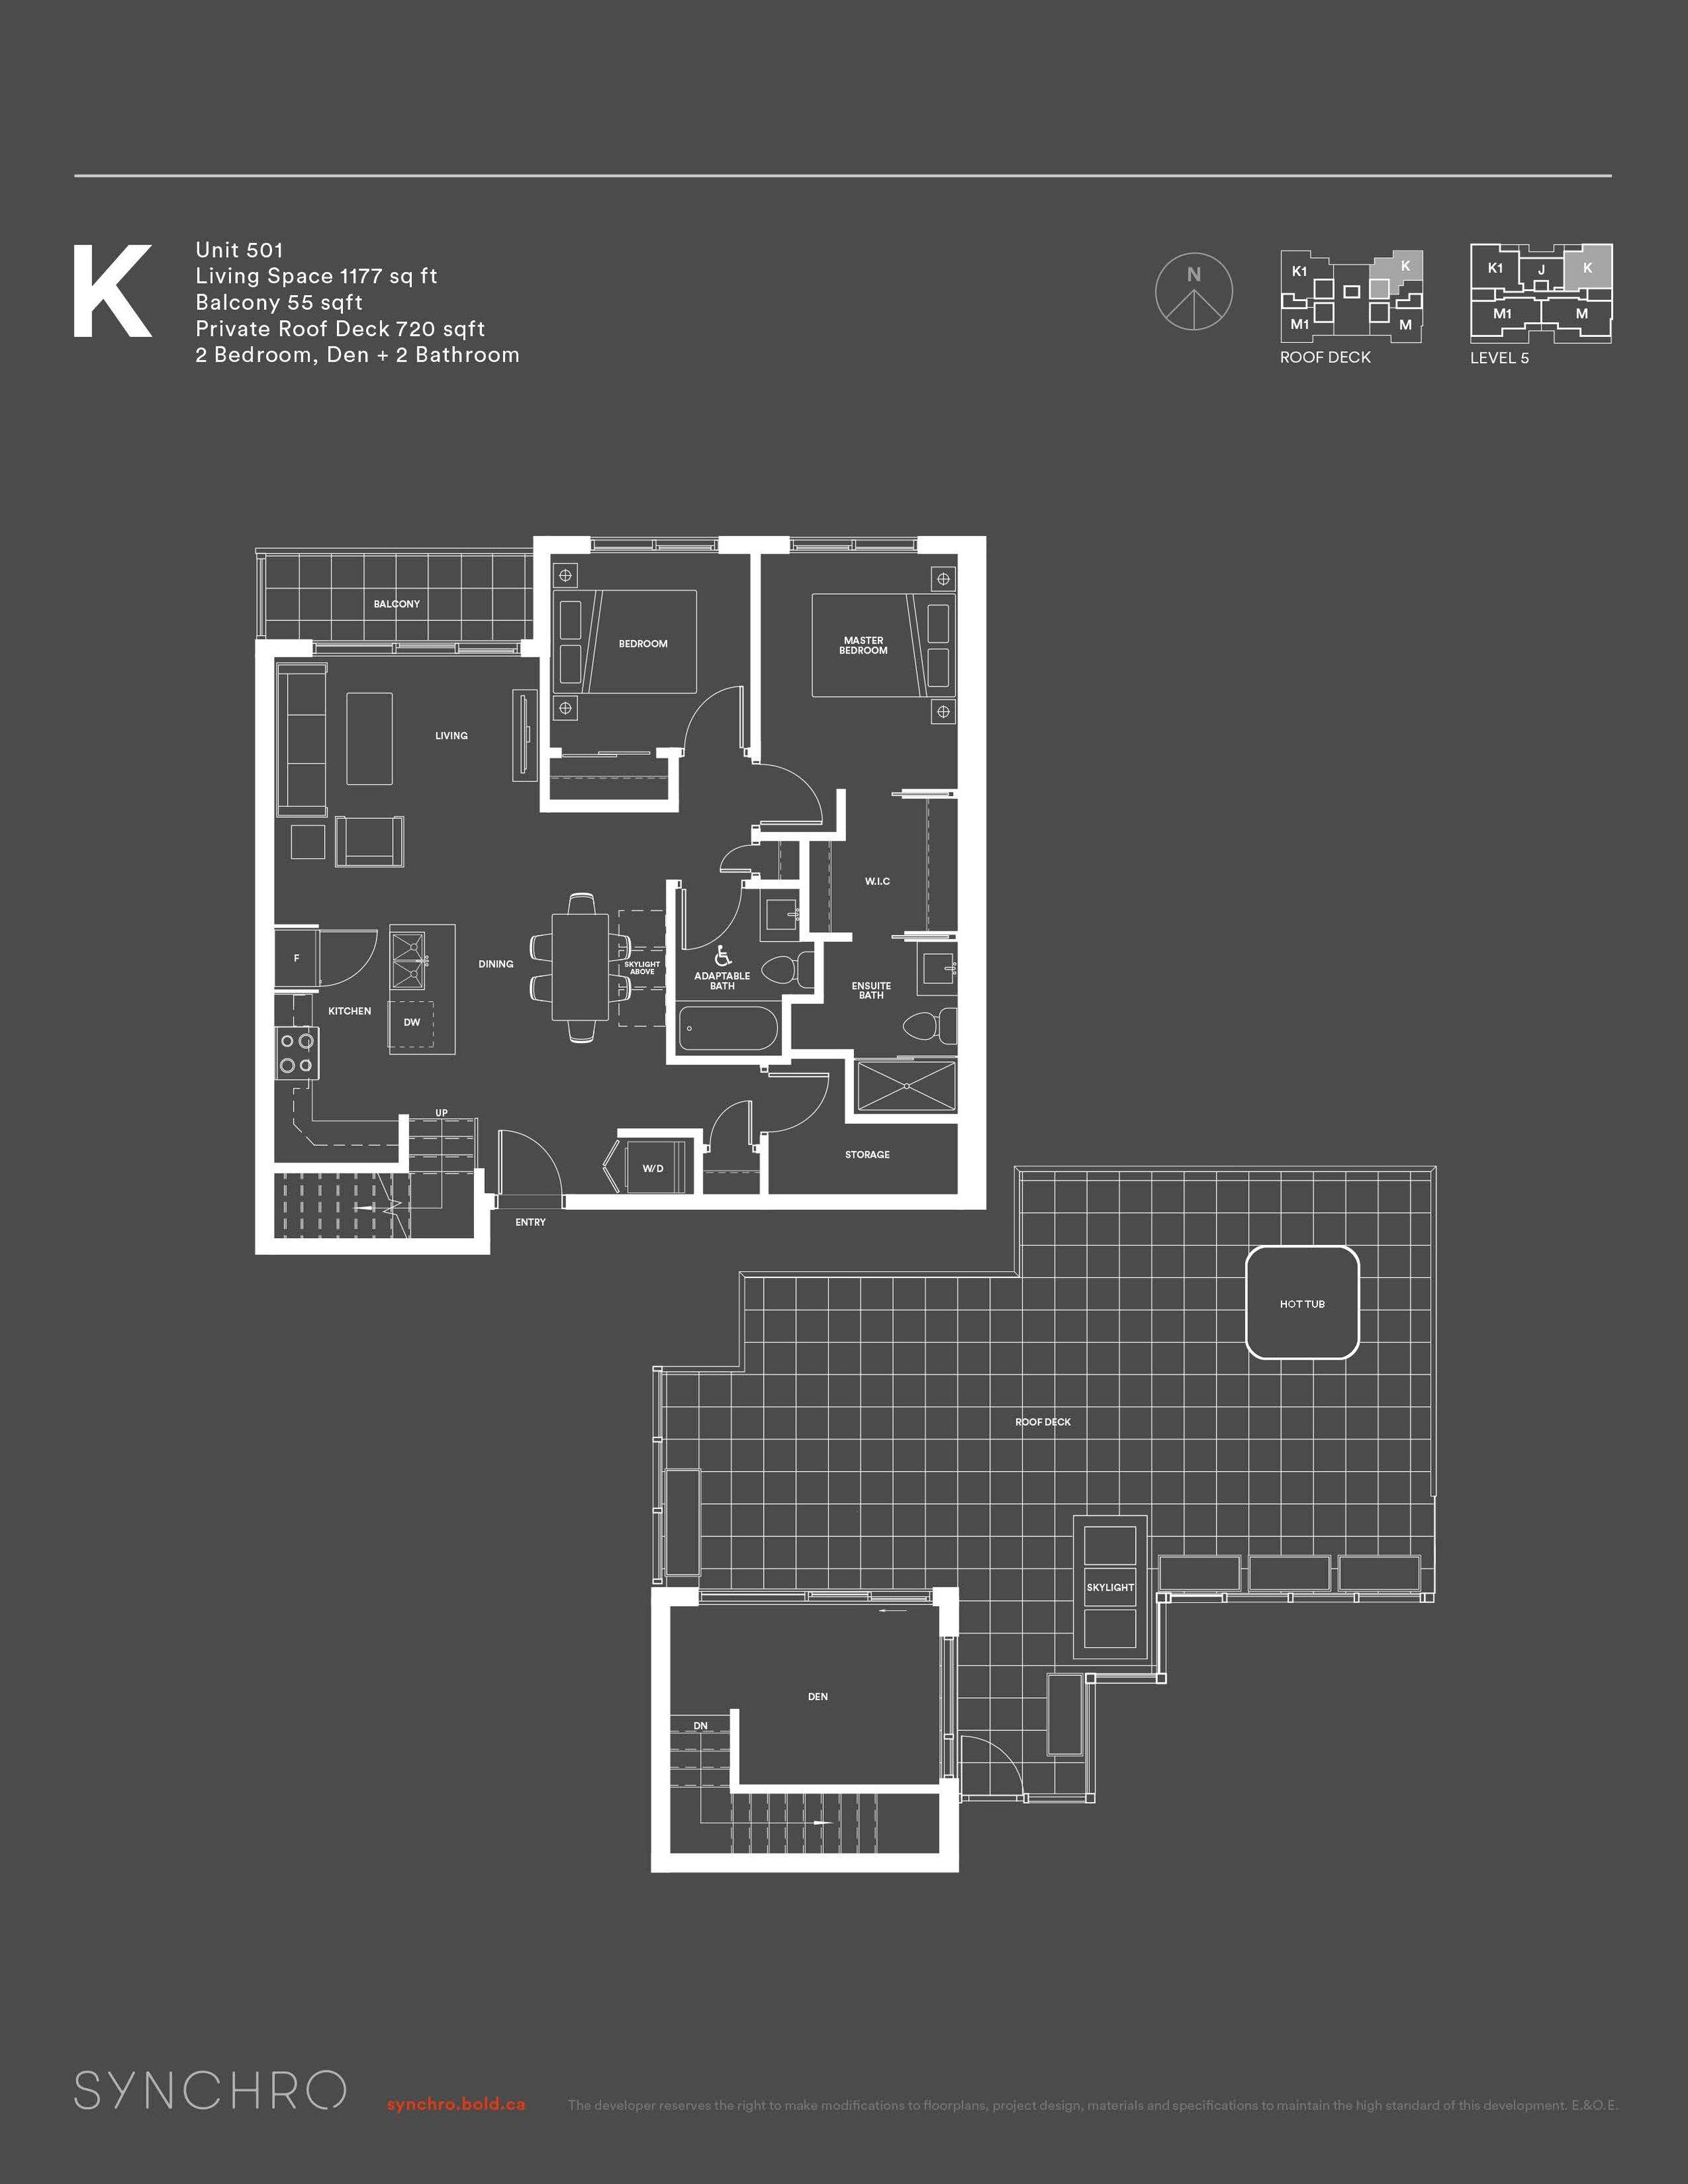 Synchro - Floorplan Unit 501.jpg